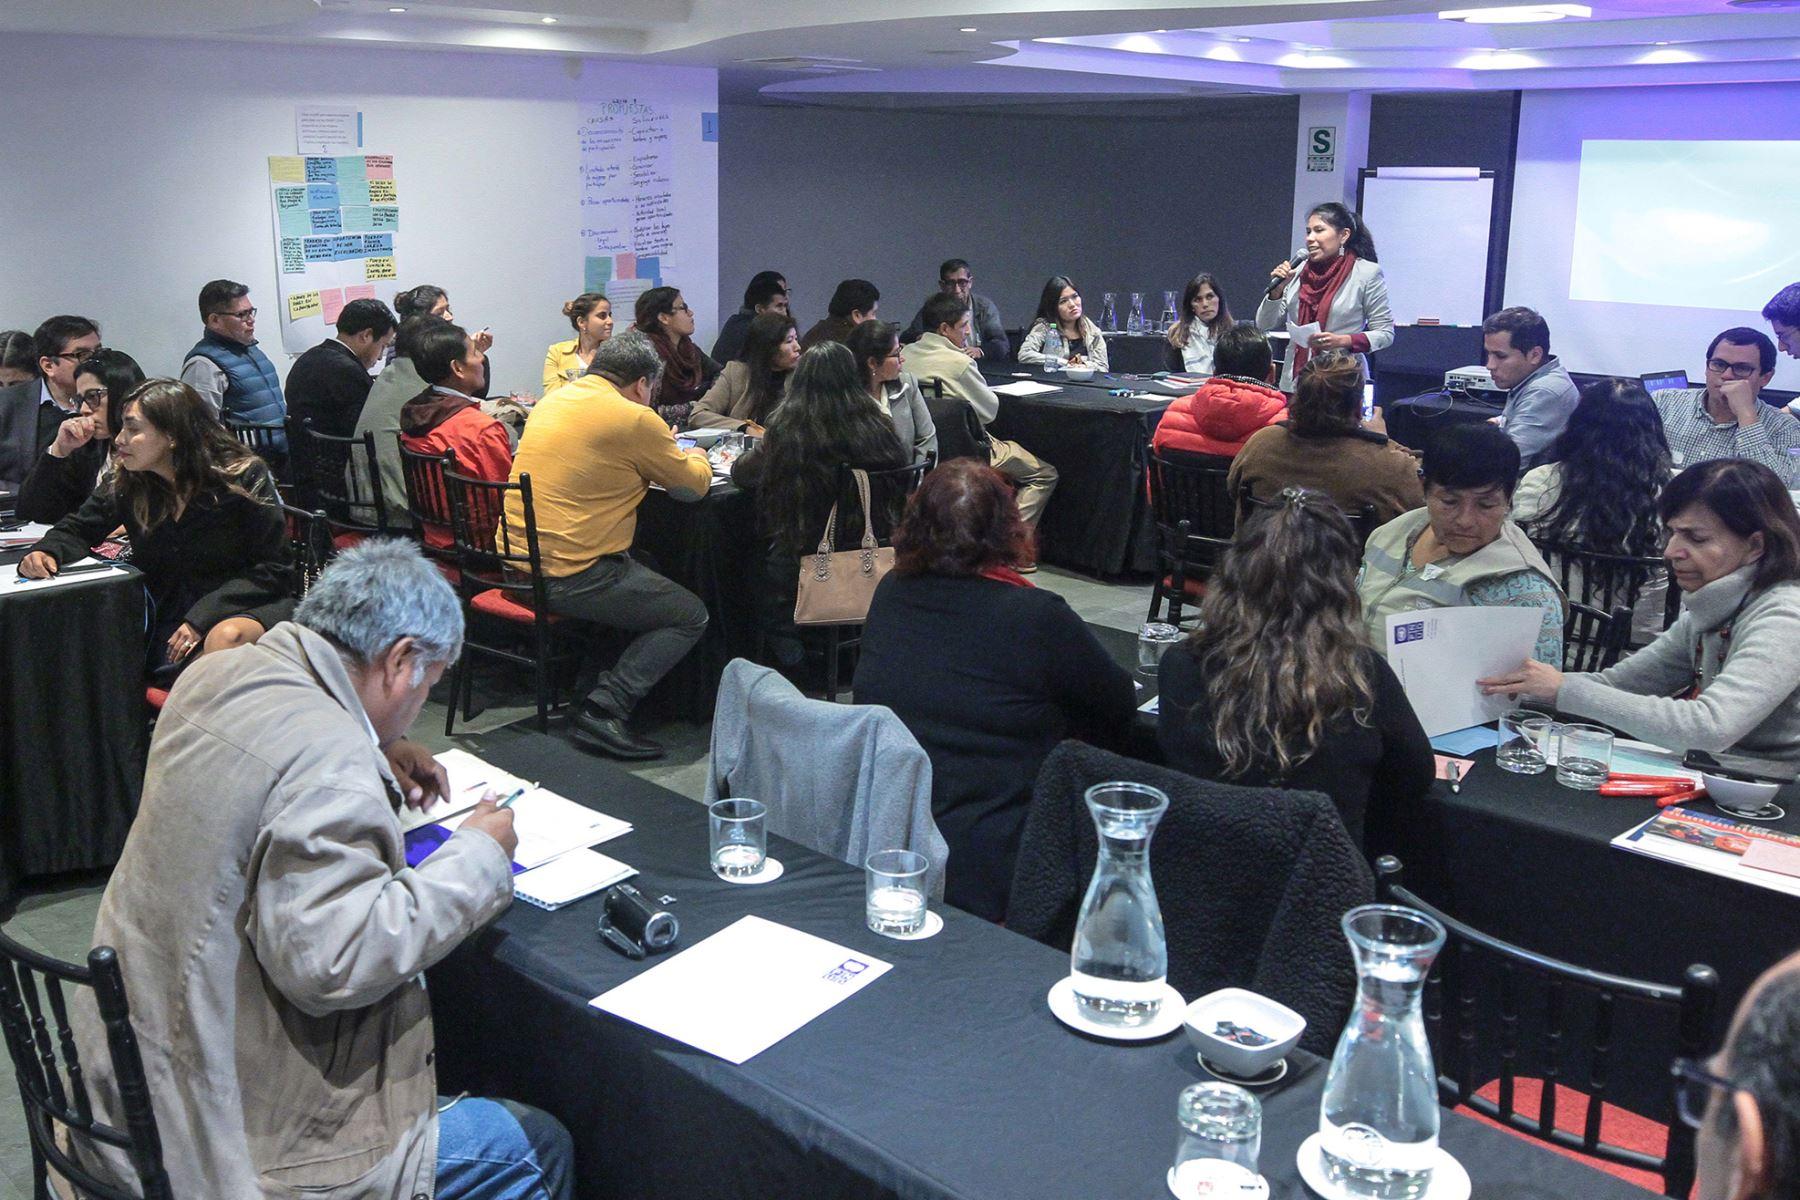 """Presentaron informe """"Gobernanza Ambiental y Participativa para la Gestión Sostenible de los Recursos Naturales en América Latina y el Caribe: Estudio de casos en el Perú"""". ANDINA/Difusión"""